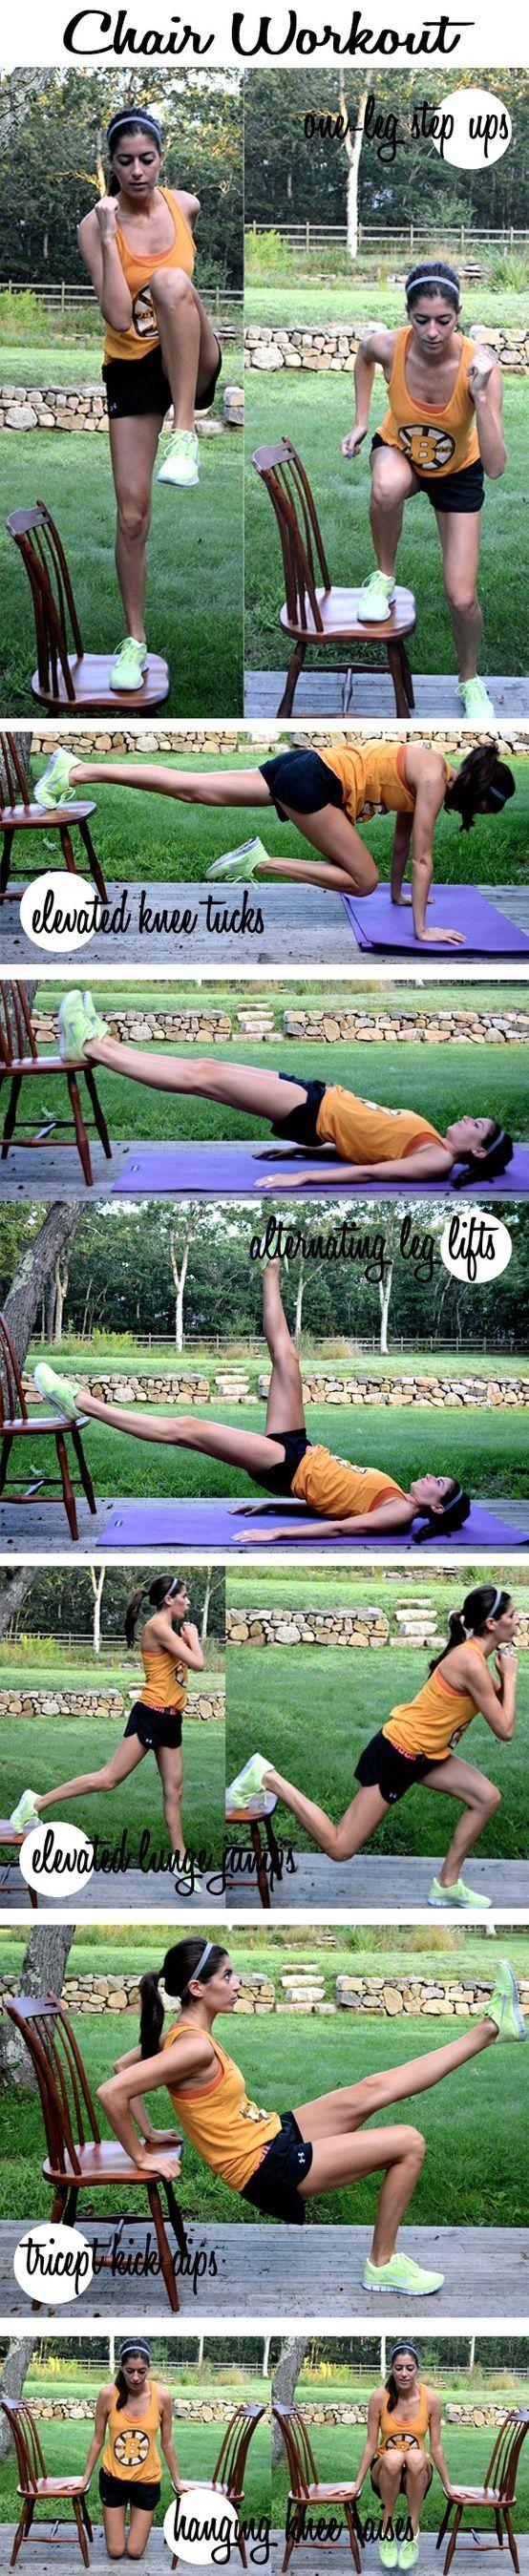 Good workout ideas!